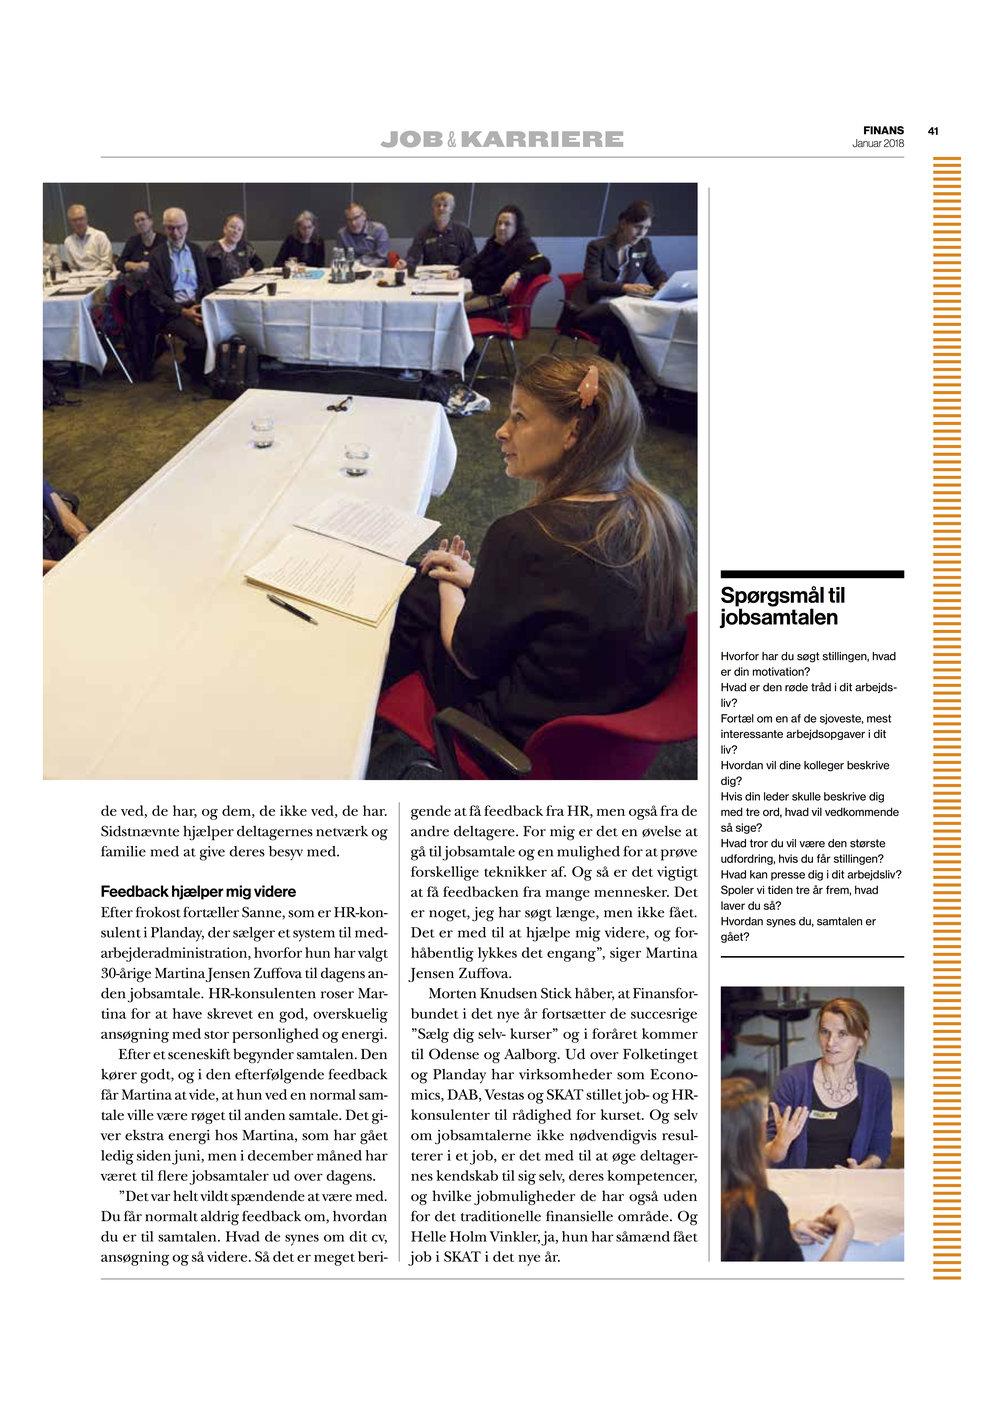 MagasinetFinans_Til jobsamtale med publikum på_side2.jpg